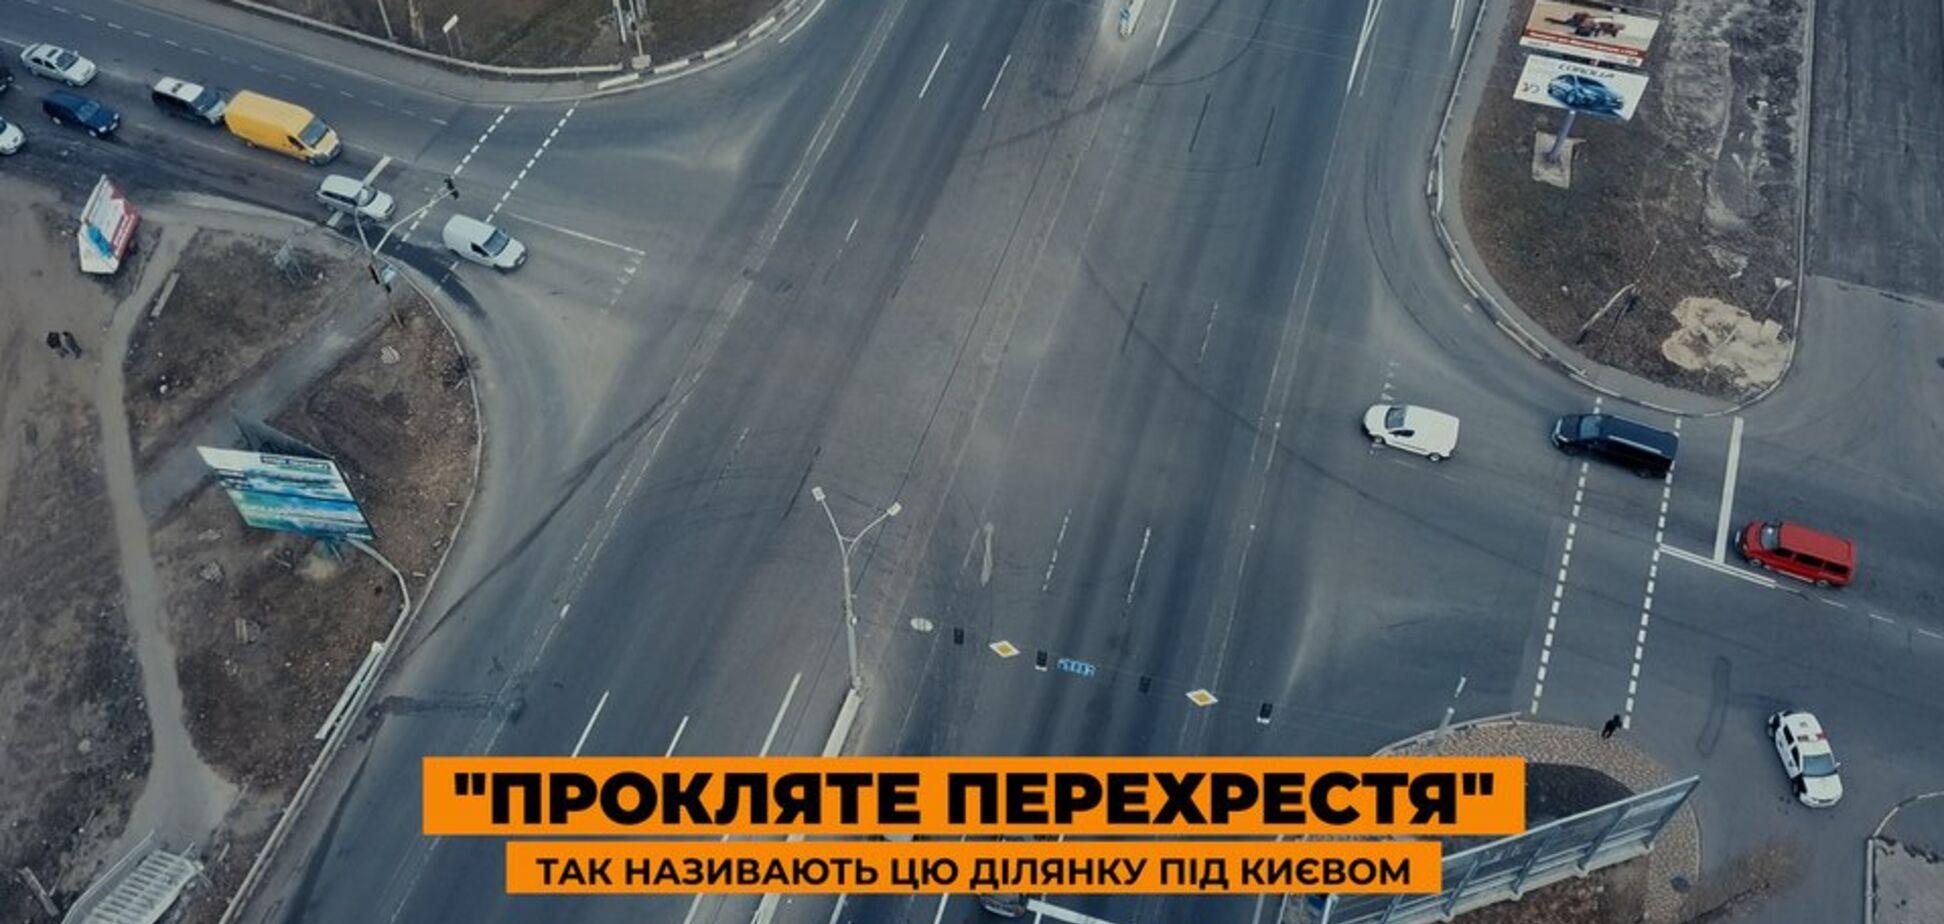 'Проклятый перекресток' под Киевом: сколько нужно жертв, чтобы власть приняла меры